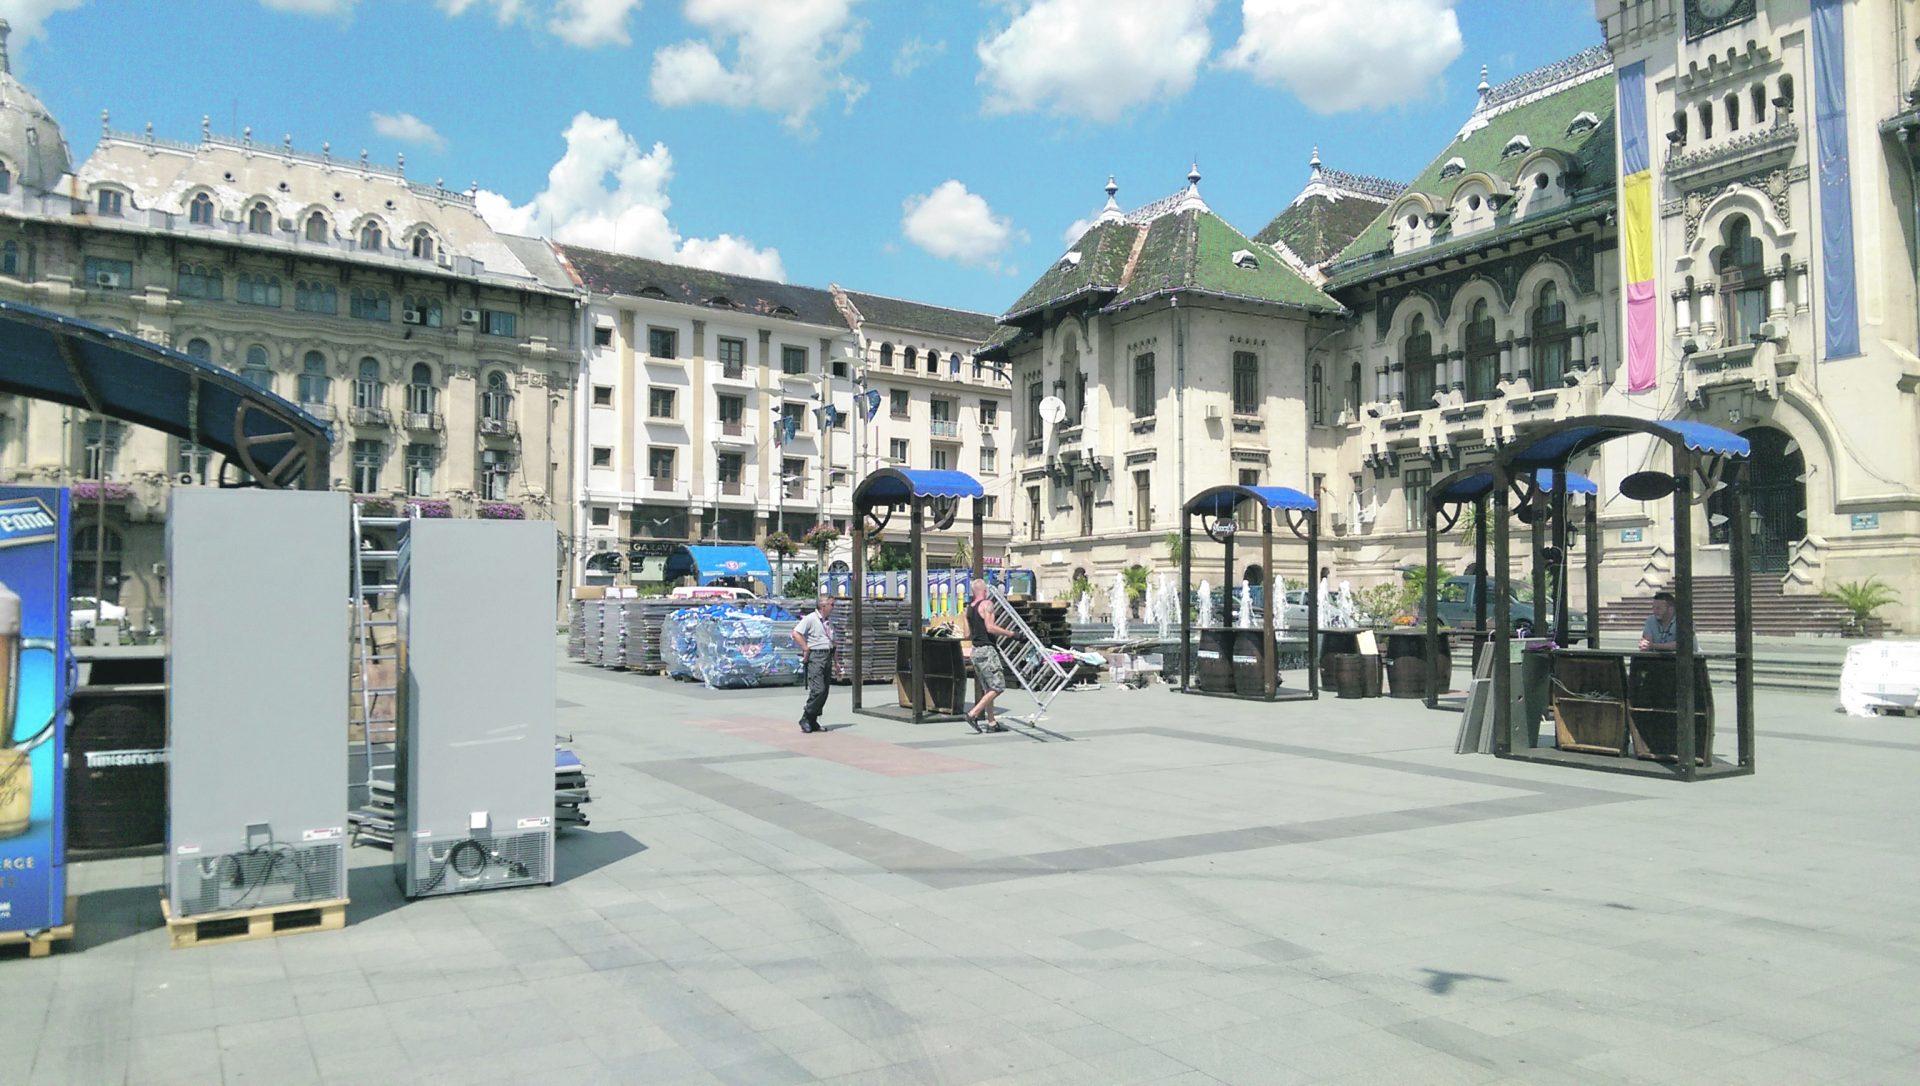 Consilierii Craiovei s-au asociat cu o firmă… în timp ce aceasta îşi pregătea evenimentul